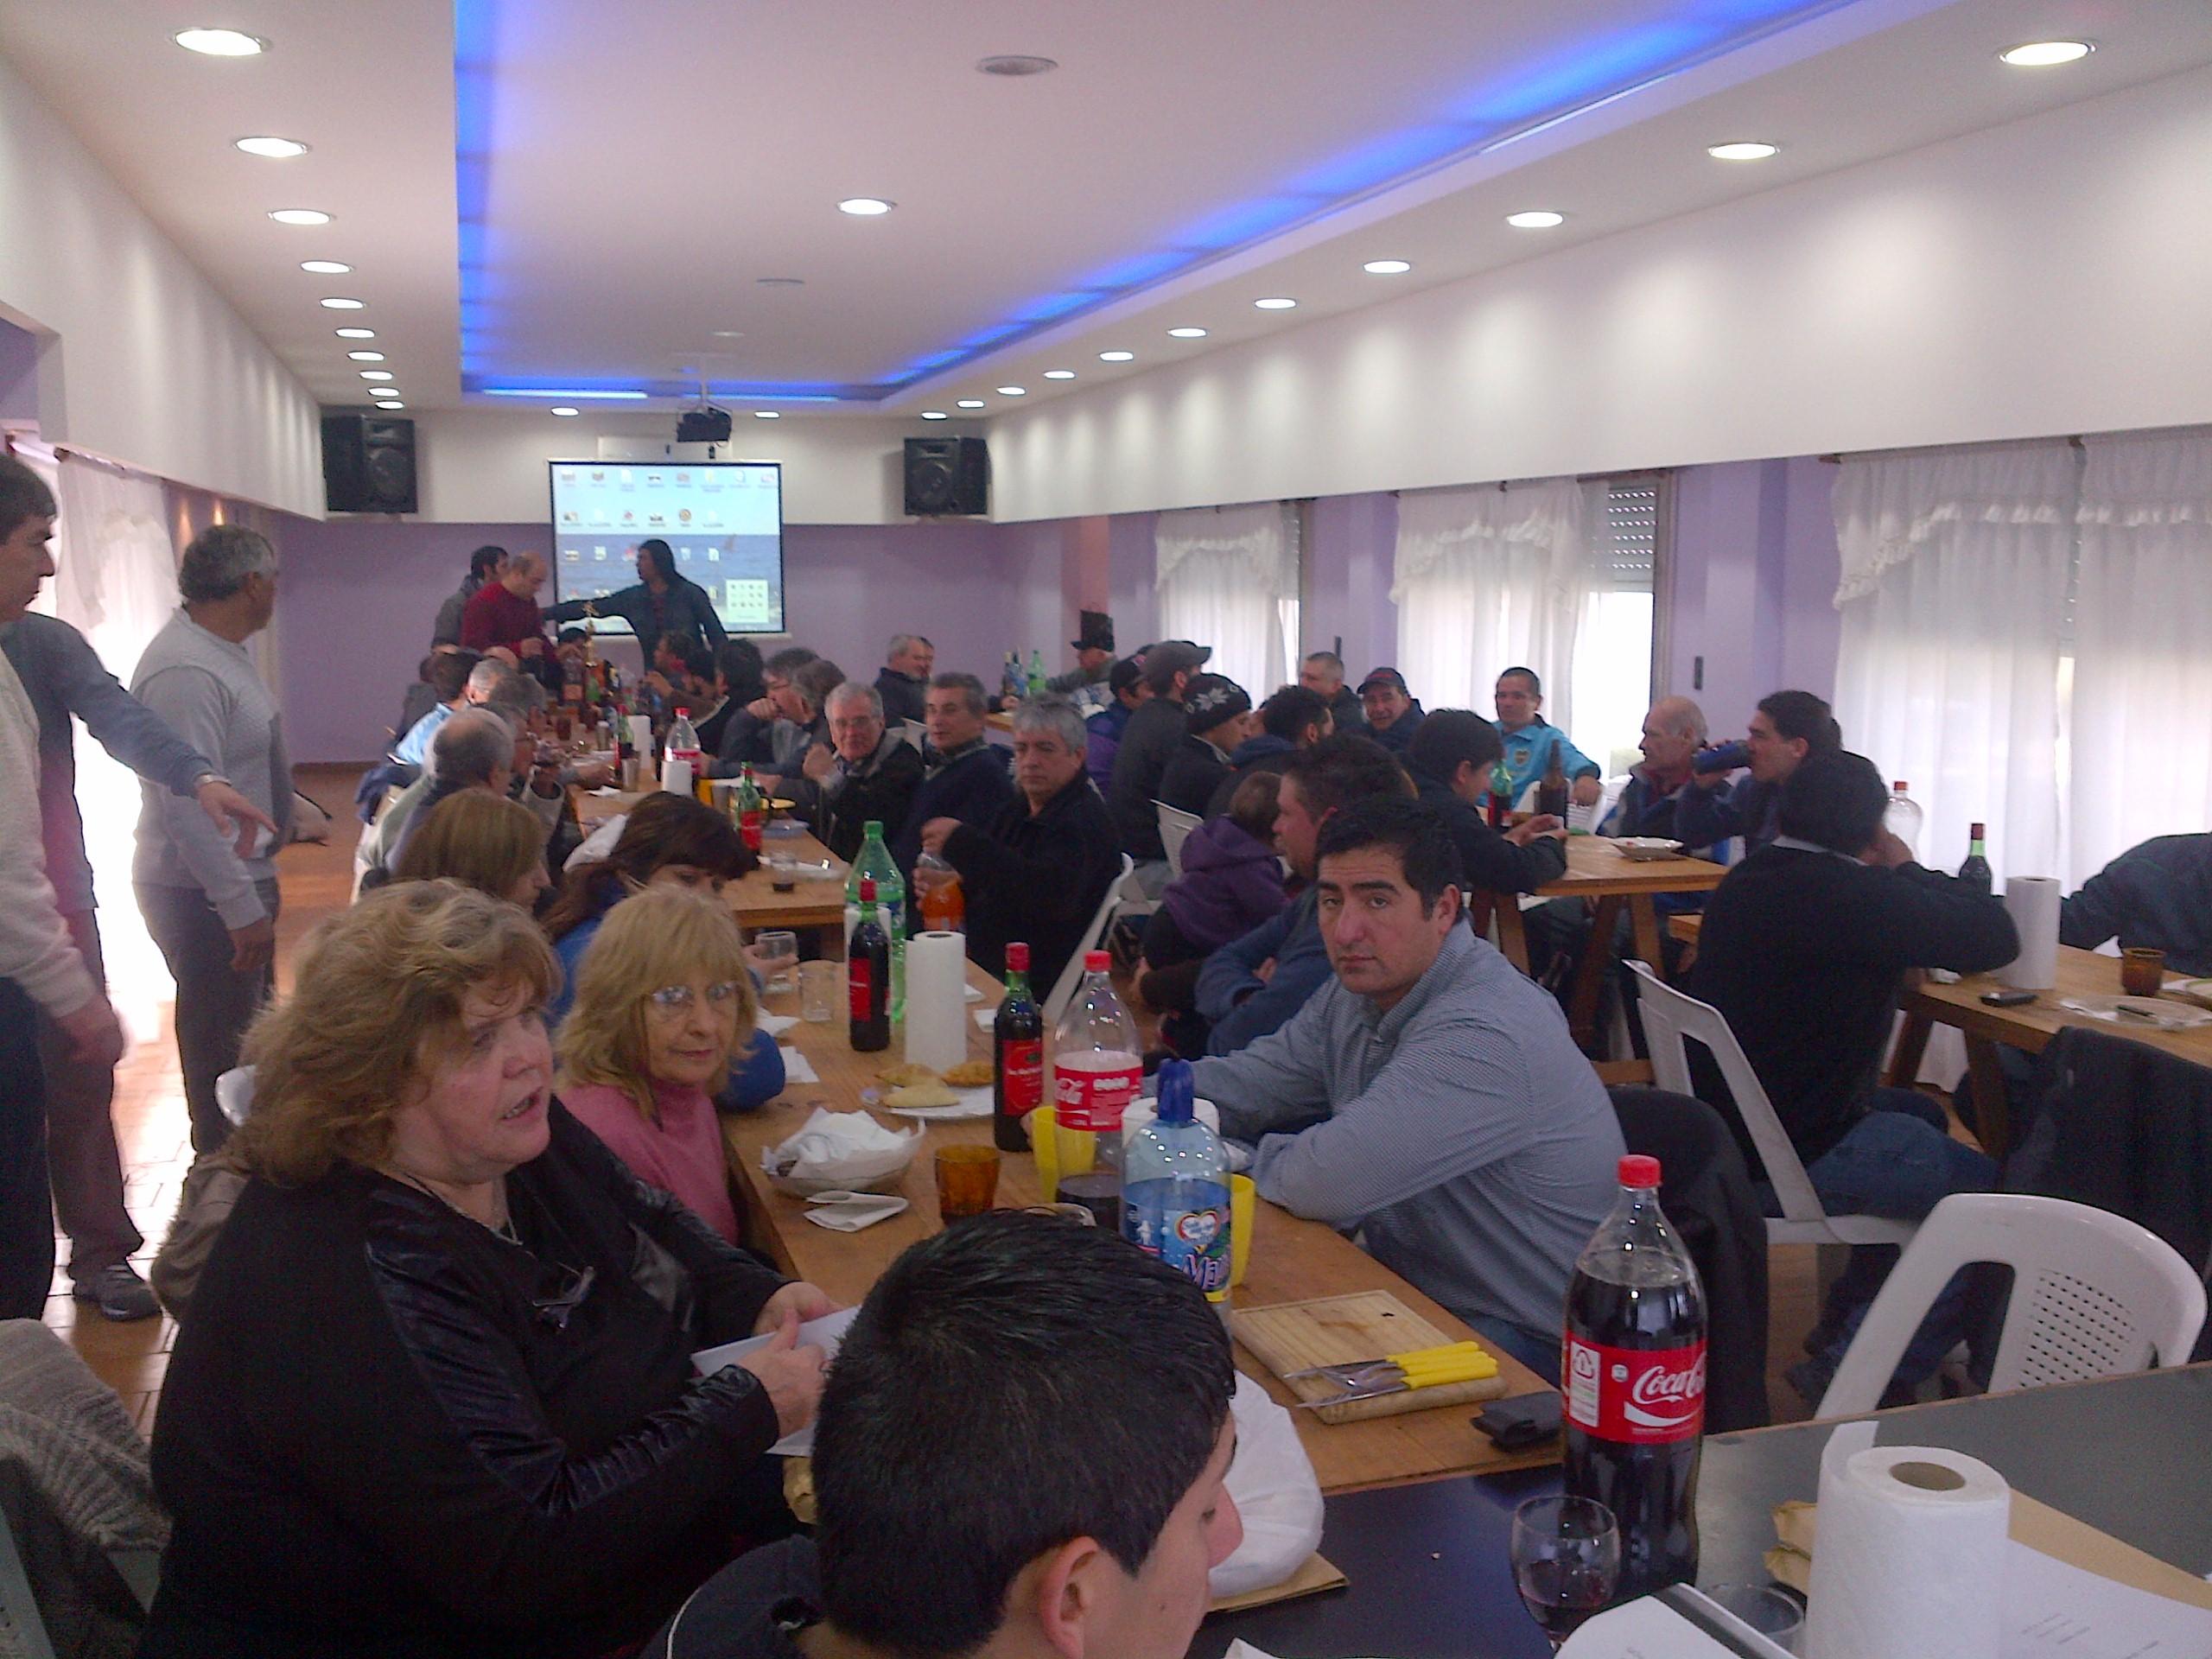 2-_Los_compañeros_compartiendo_unas_empanadas_antes_de_empezar1.jpg